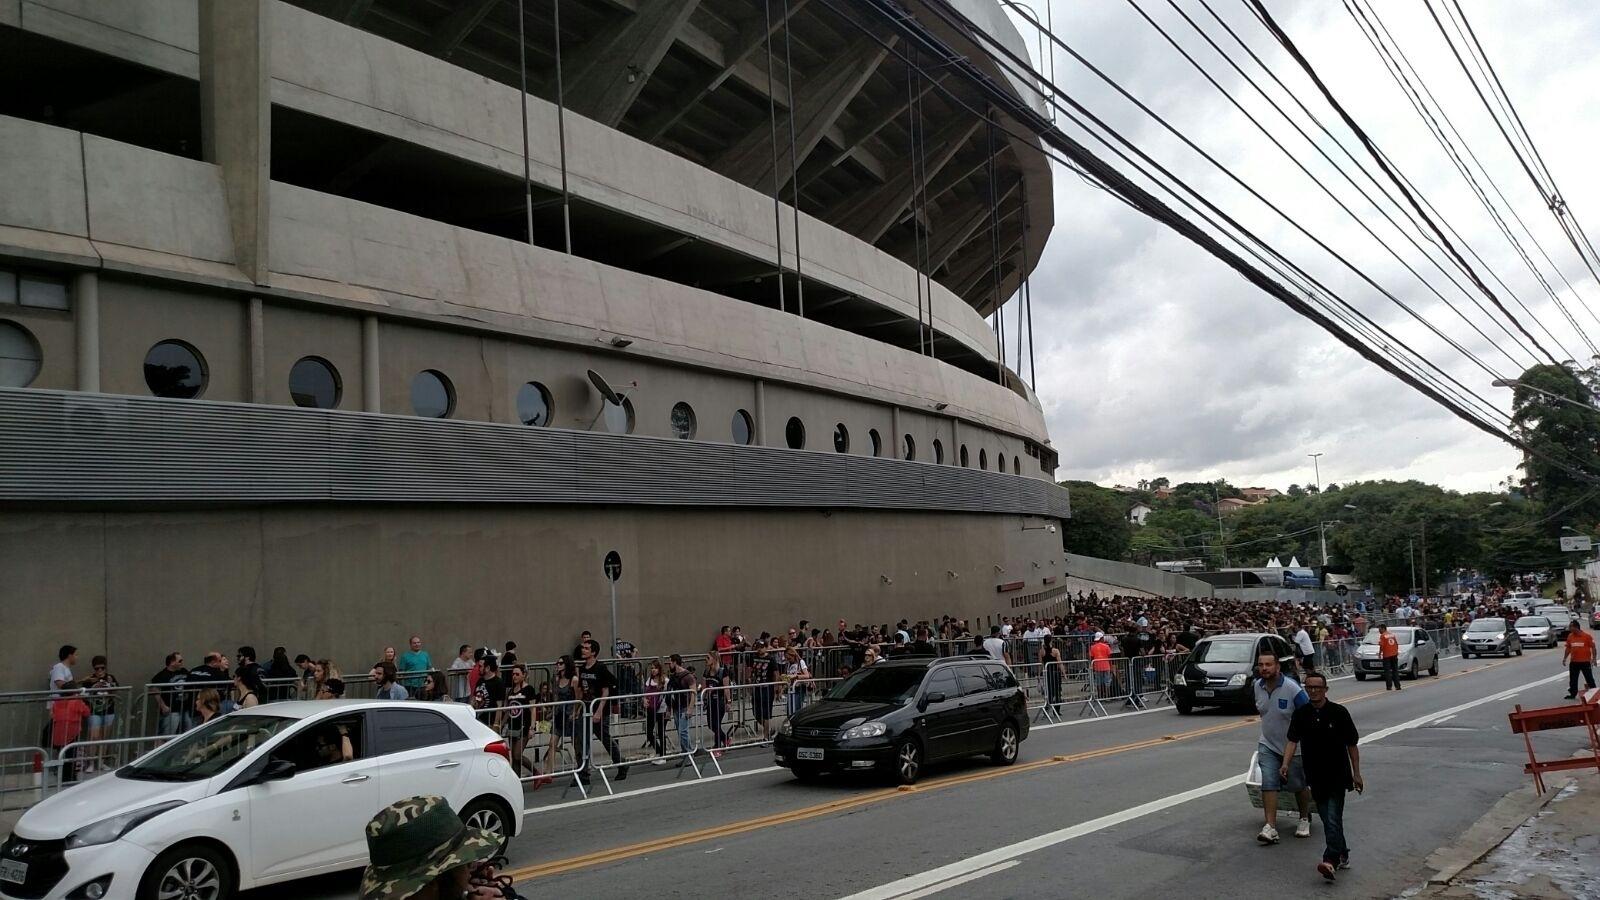 27.fev.2016 - Por volta das 15h40 o público já aguardava na fila pela abertura dos portões para o segundo dia de show dos Rolling Stones no Morumbi, em São Paulo